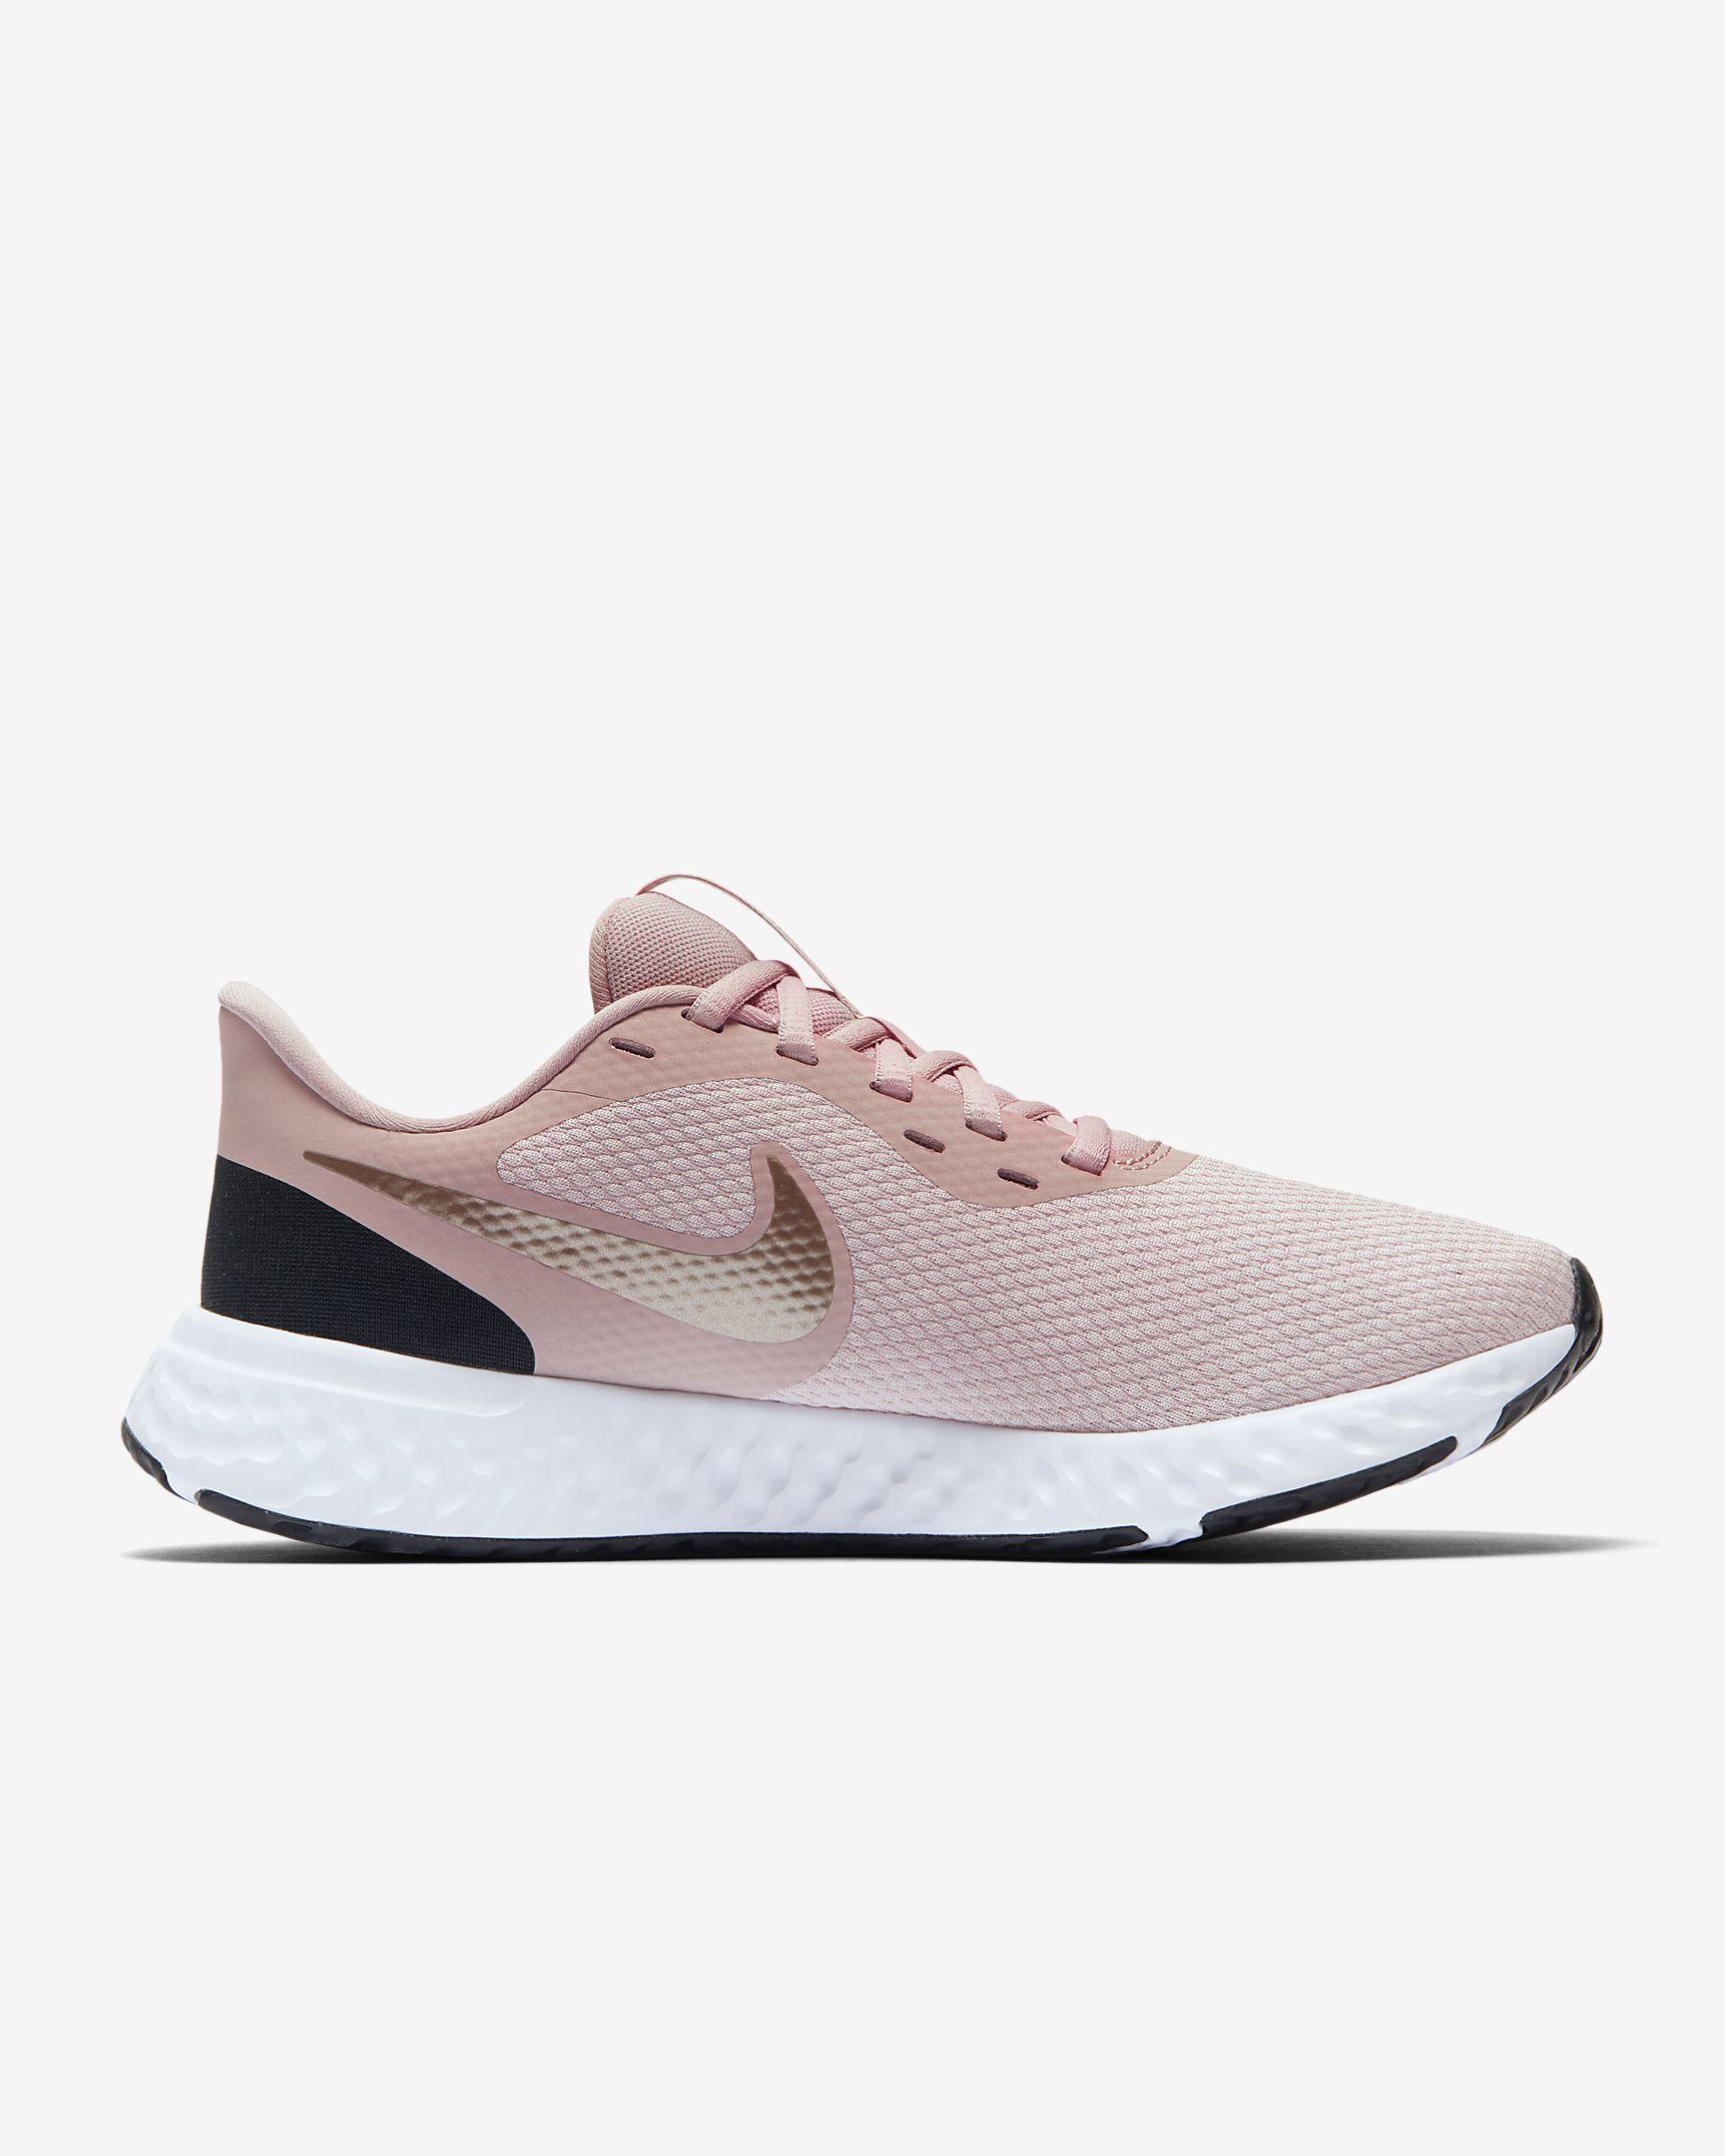 Nike rosa Revolution 5 con amortiguación de pisada con espuma suave, transpirable. Precio: 55 euros.